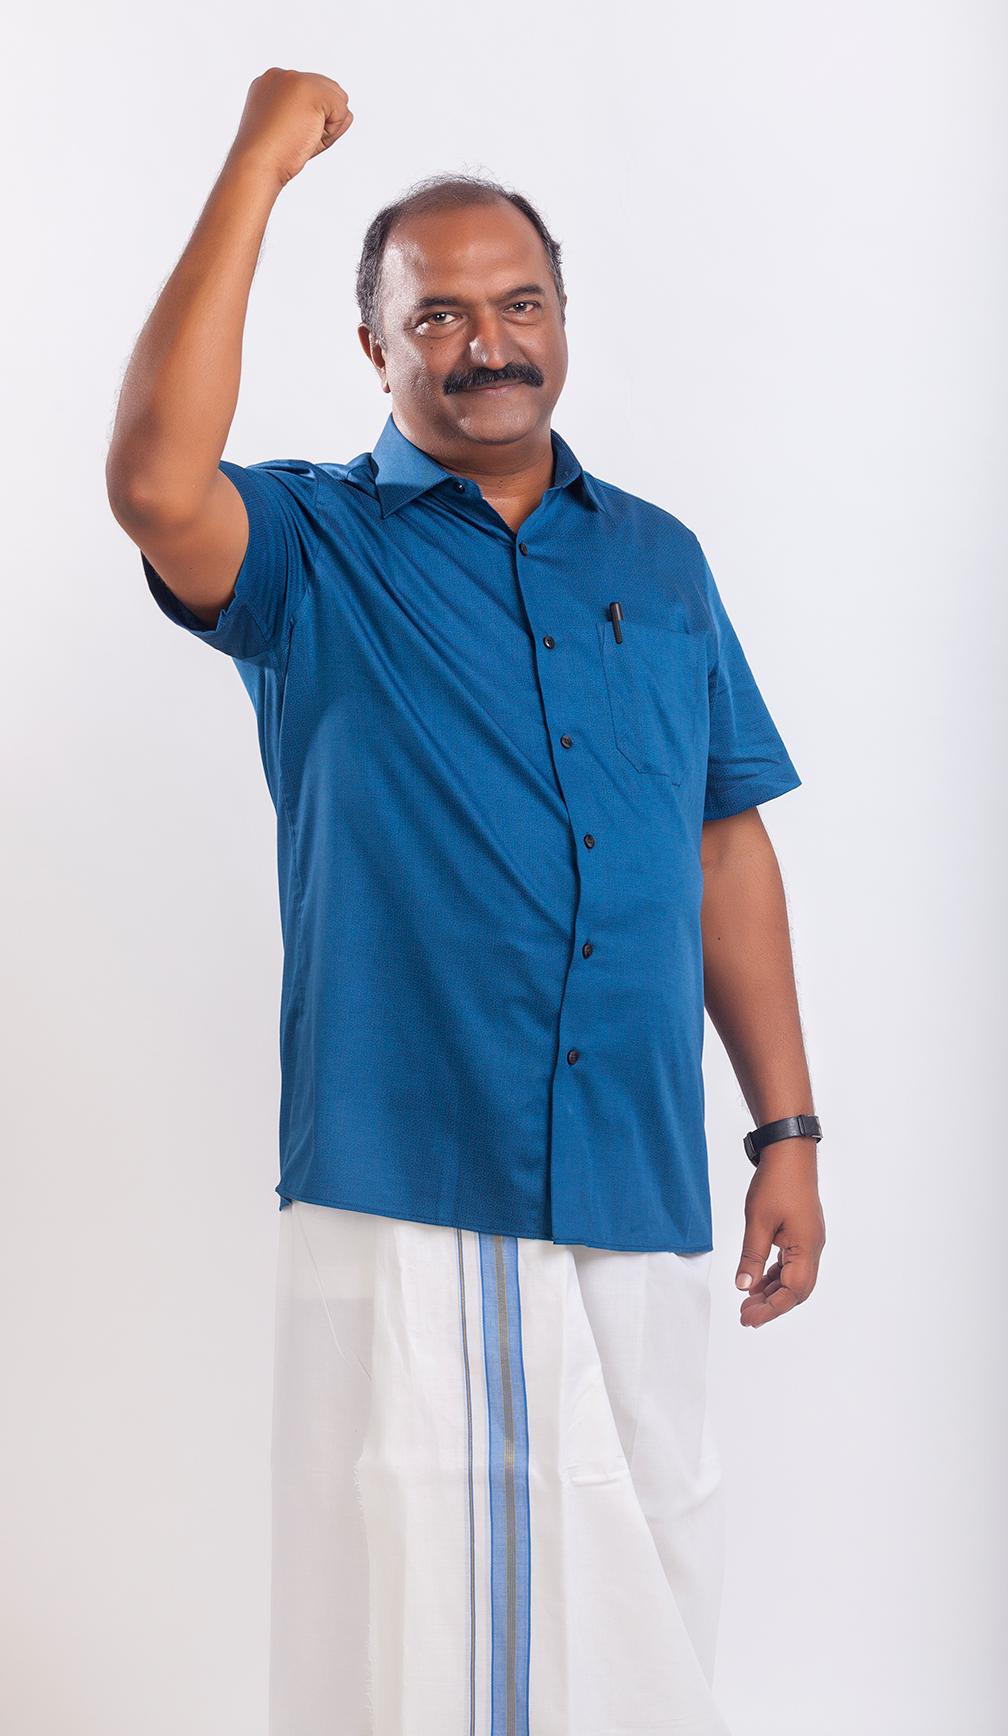 കെ. എന്. ബാലഗോപാല്